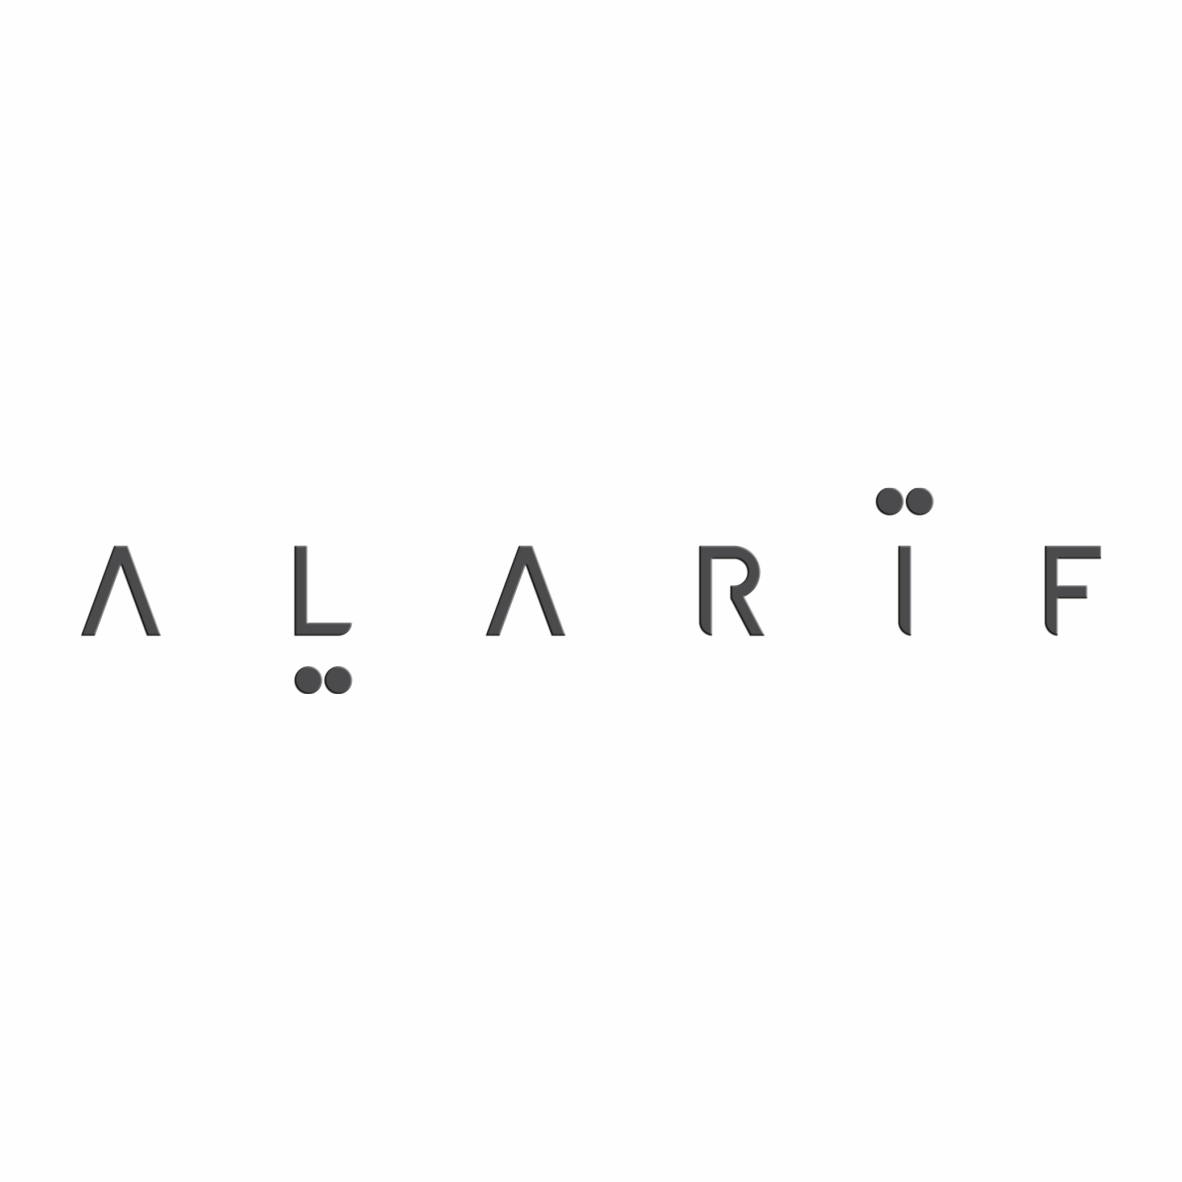 Alarif